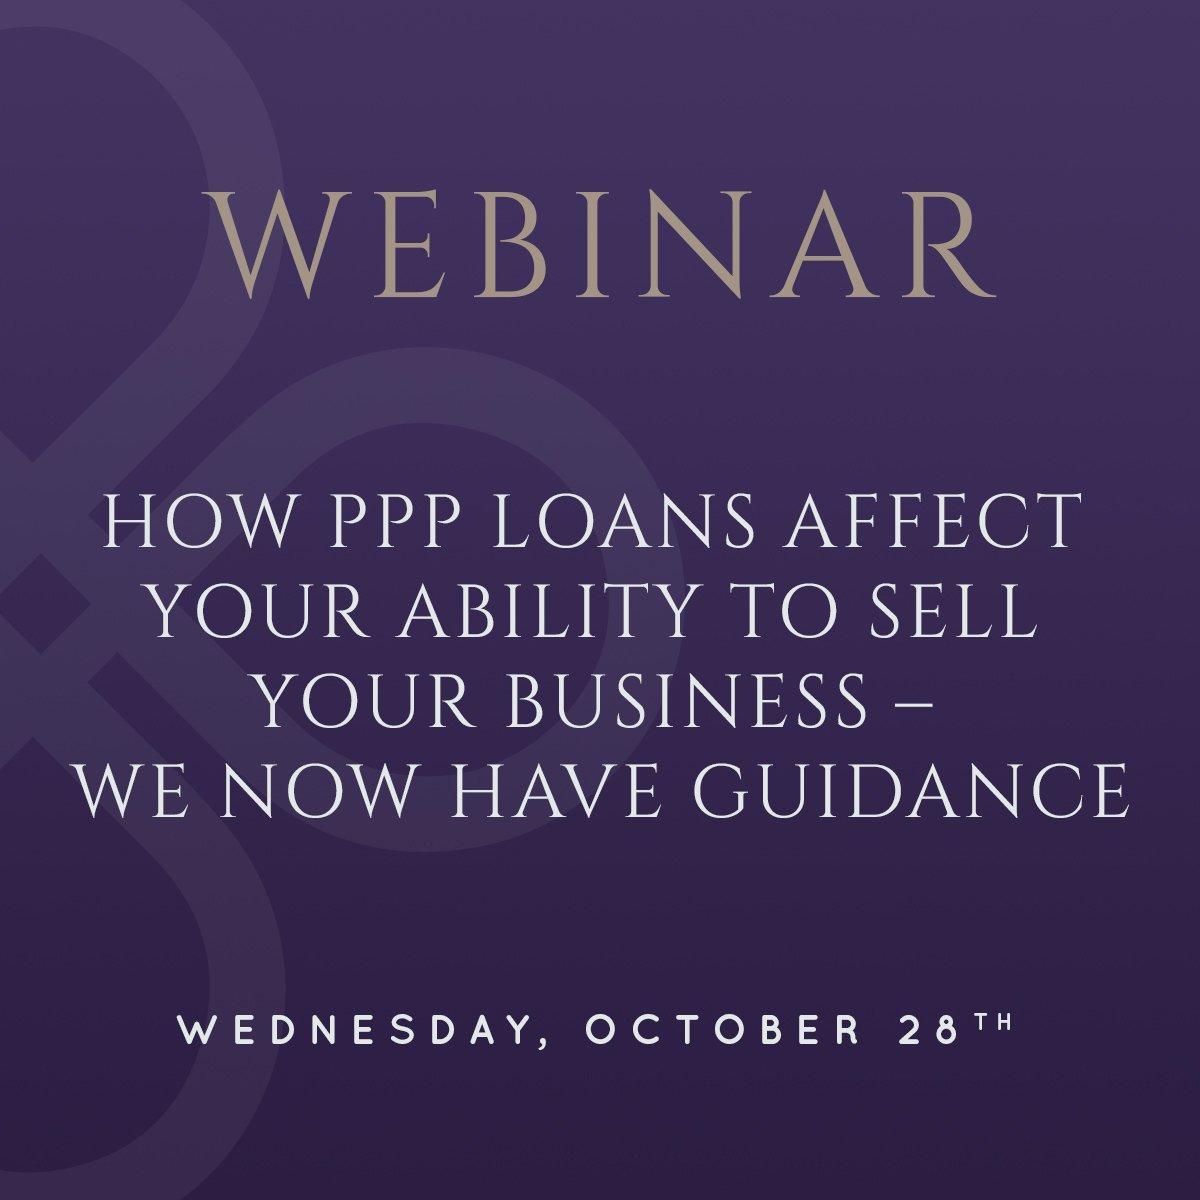 PPP_Loan_Webinar_Social